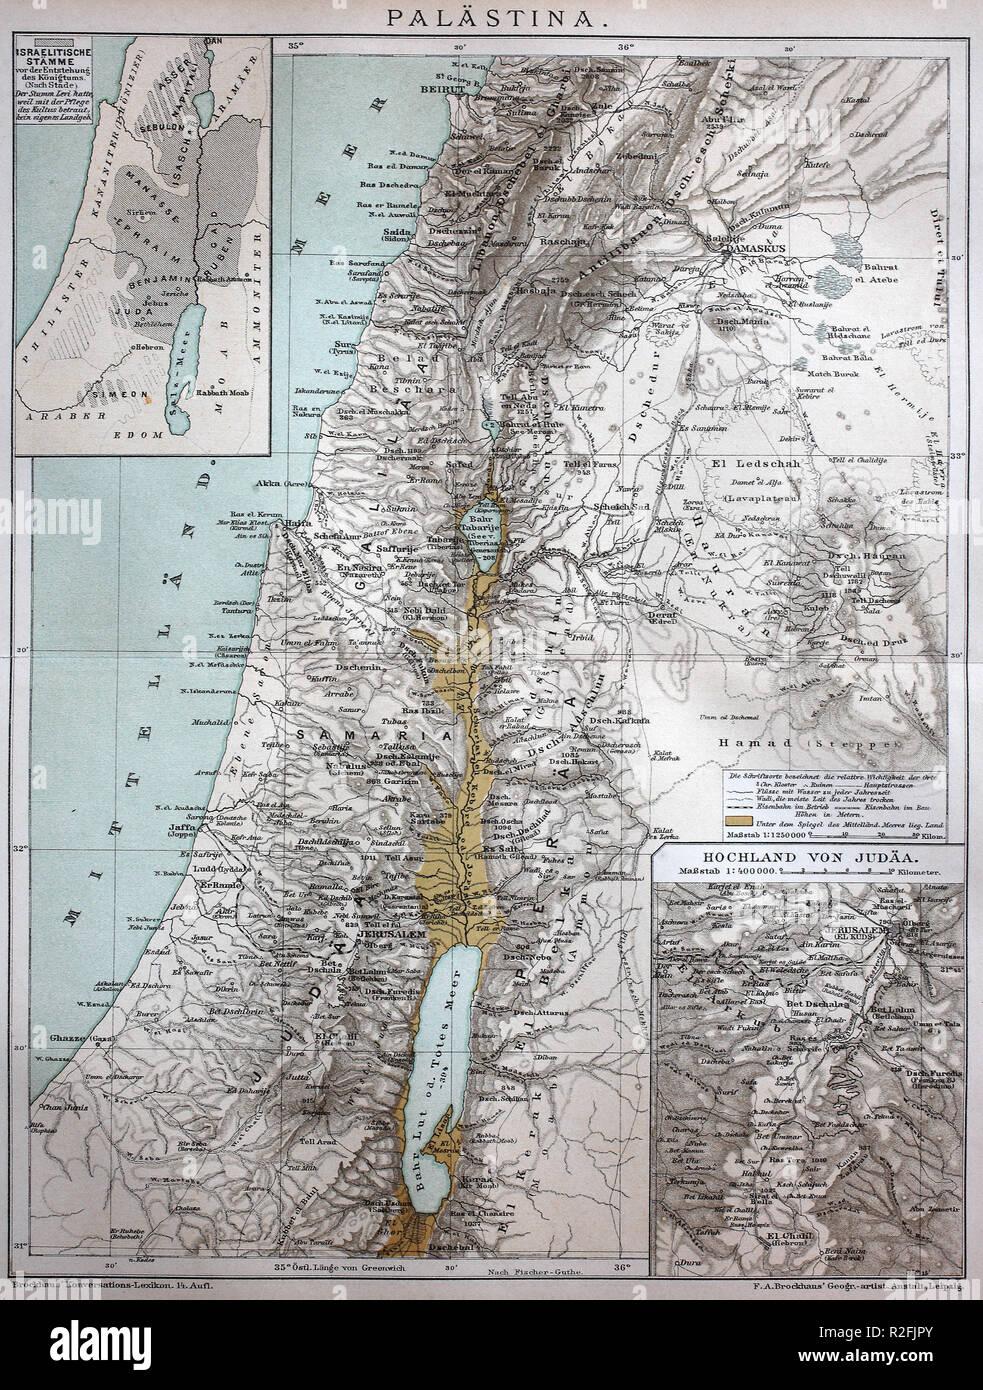 Mejor reproducción digital, el mapa de Palestina en el año 1886, a partir de una impresión original del siglo XIX. Imagen De Stock